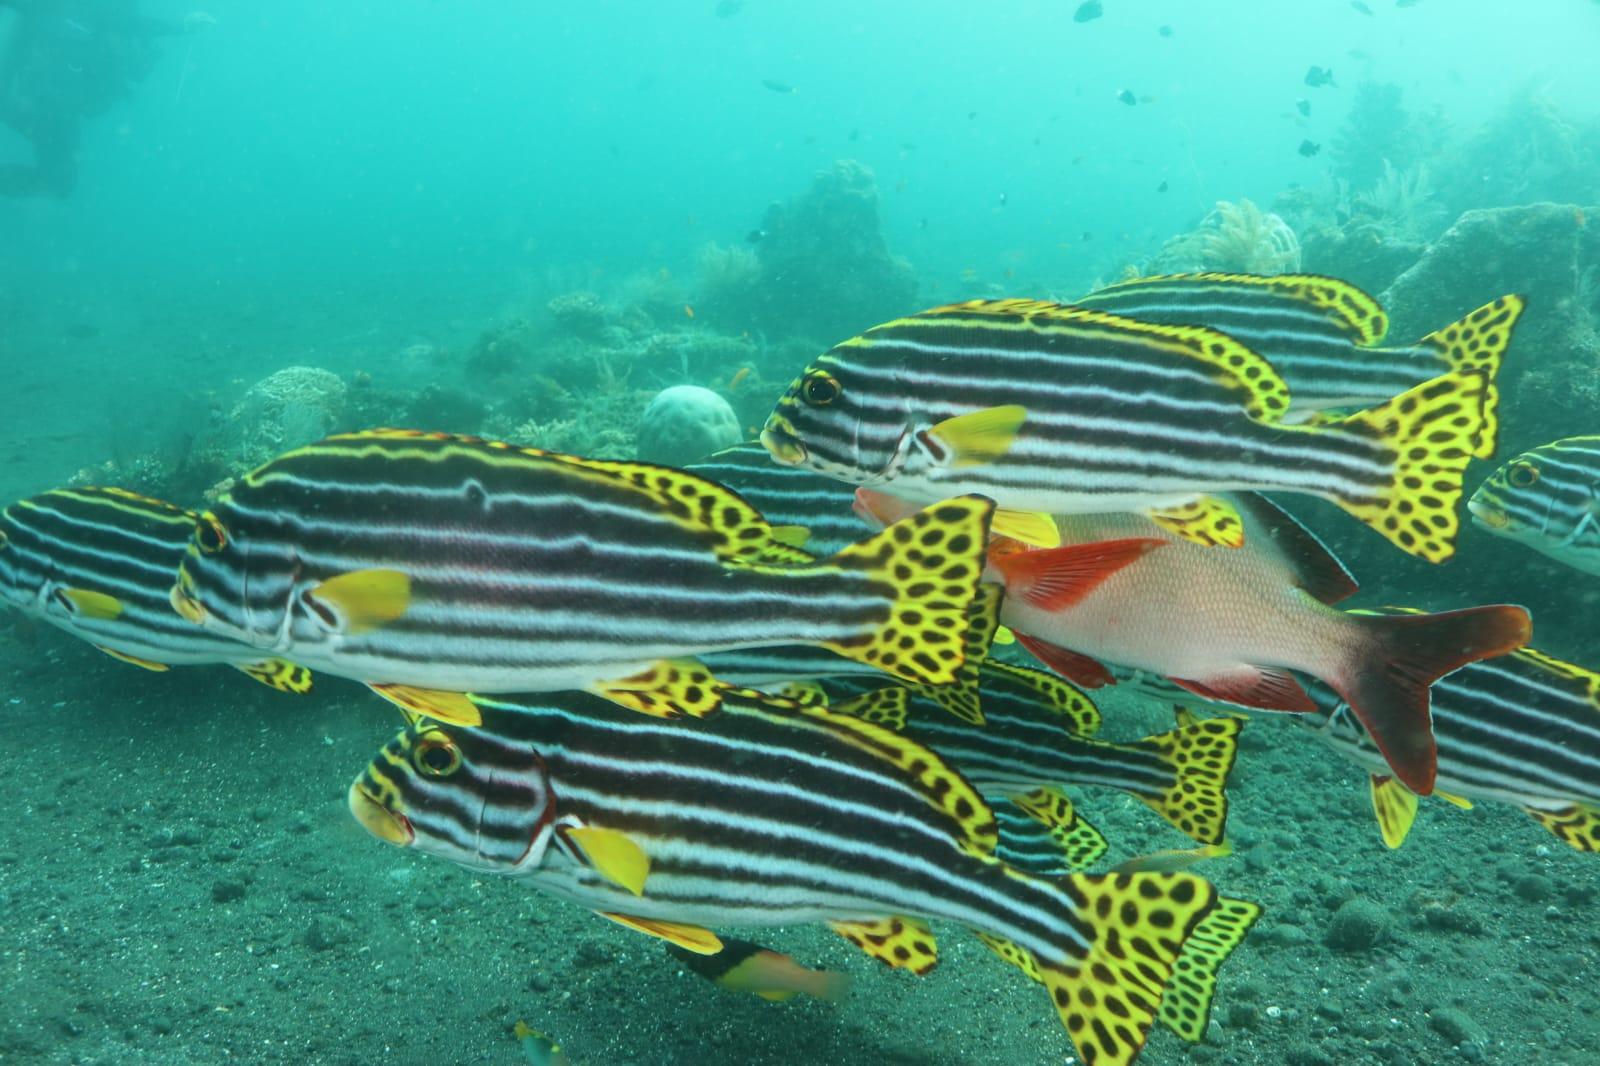 viele bunte Fische |Foto: Ulla Haug